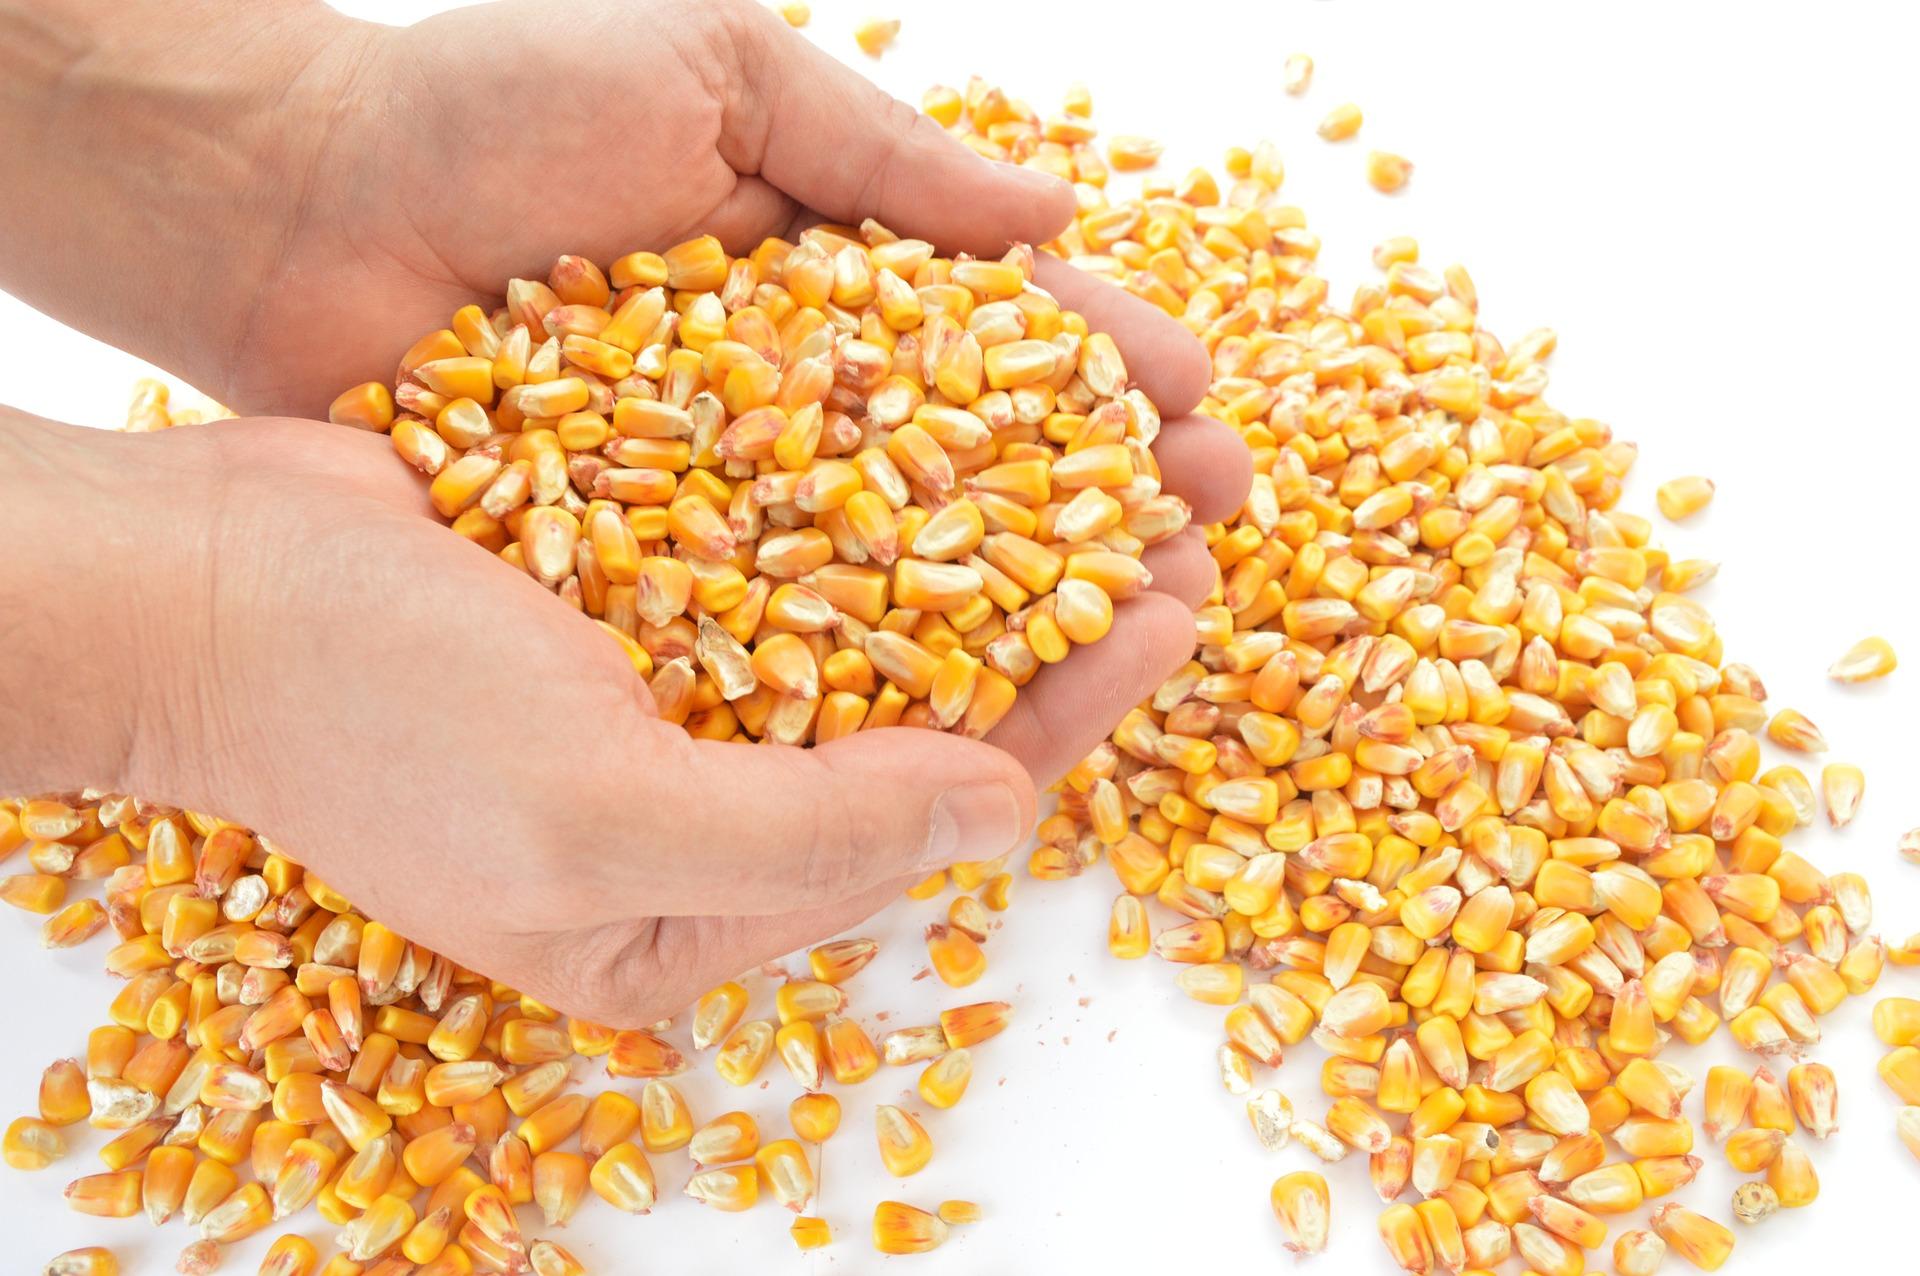 Працівника ДБР підозрюють у незаконному продажі 1,2 тис. тонн вилученої кукурудзи